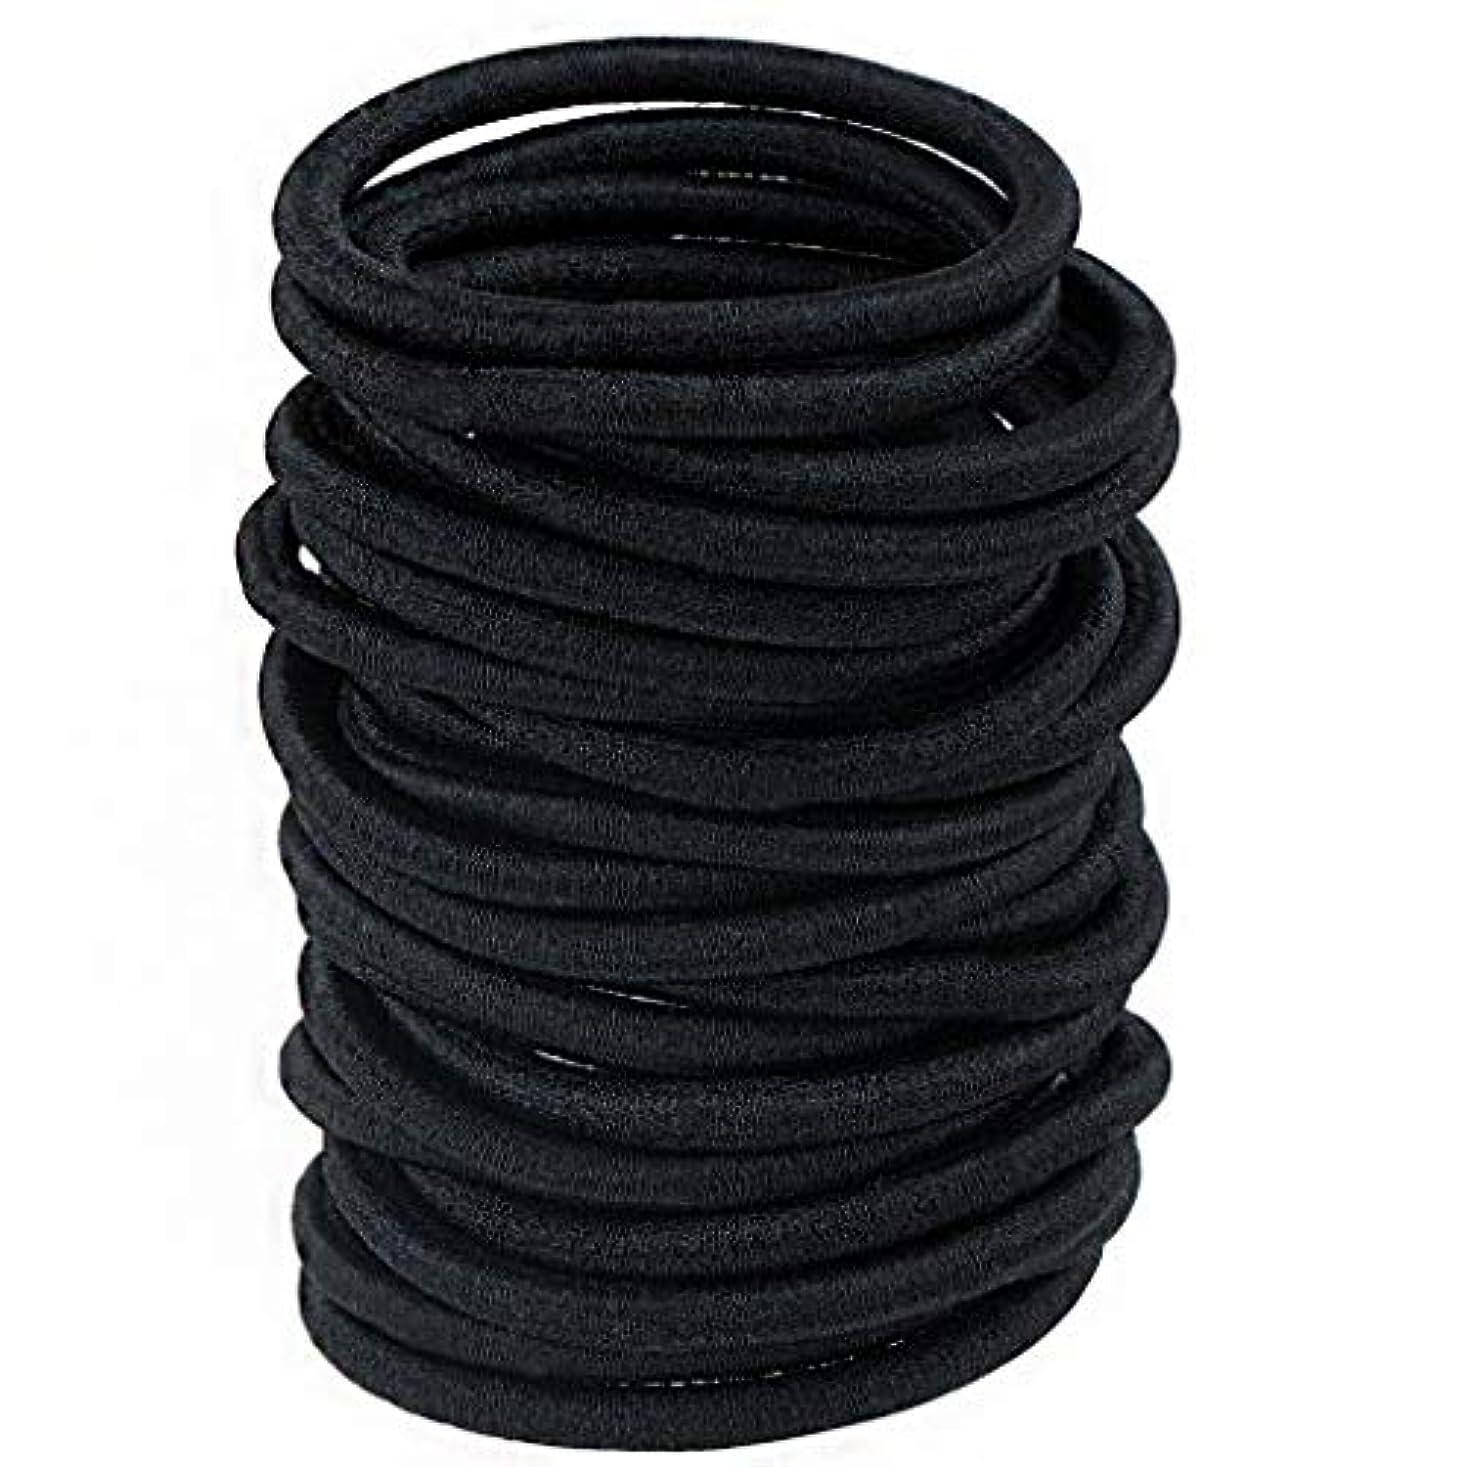 リサイクルする石灰岩ジャム100個 ヘアロープ 黒 弾性ヘアバンドルポニーテールホルダーガールヘアゴム 女の子や薄い女性のために小さい DIYいくつかの美しい弓バンド (ブラック)